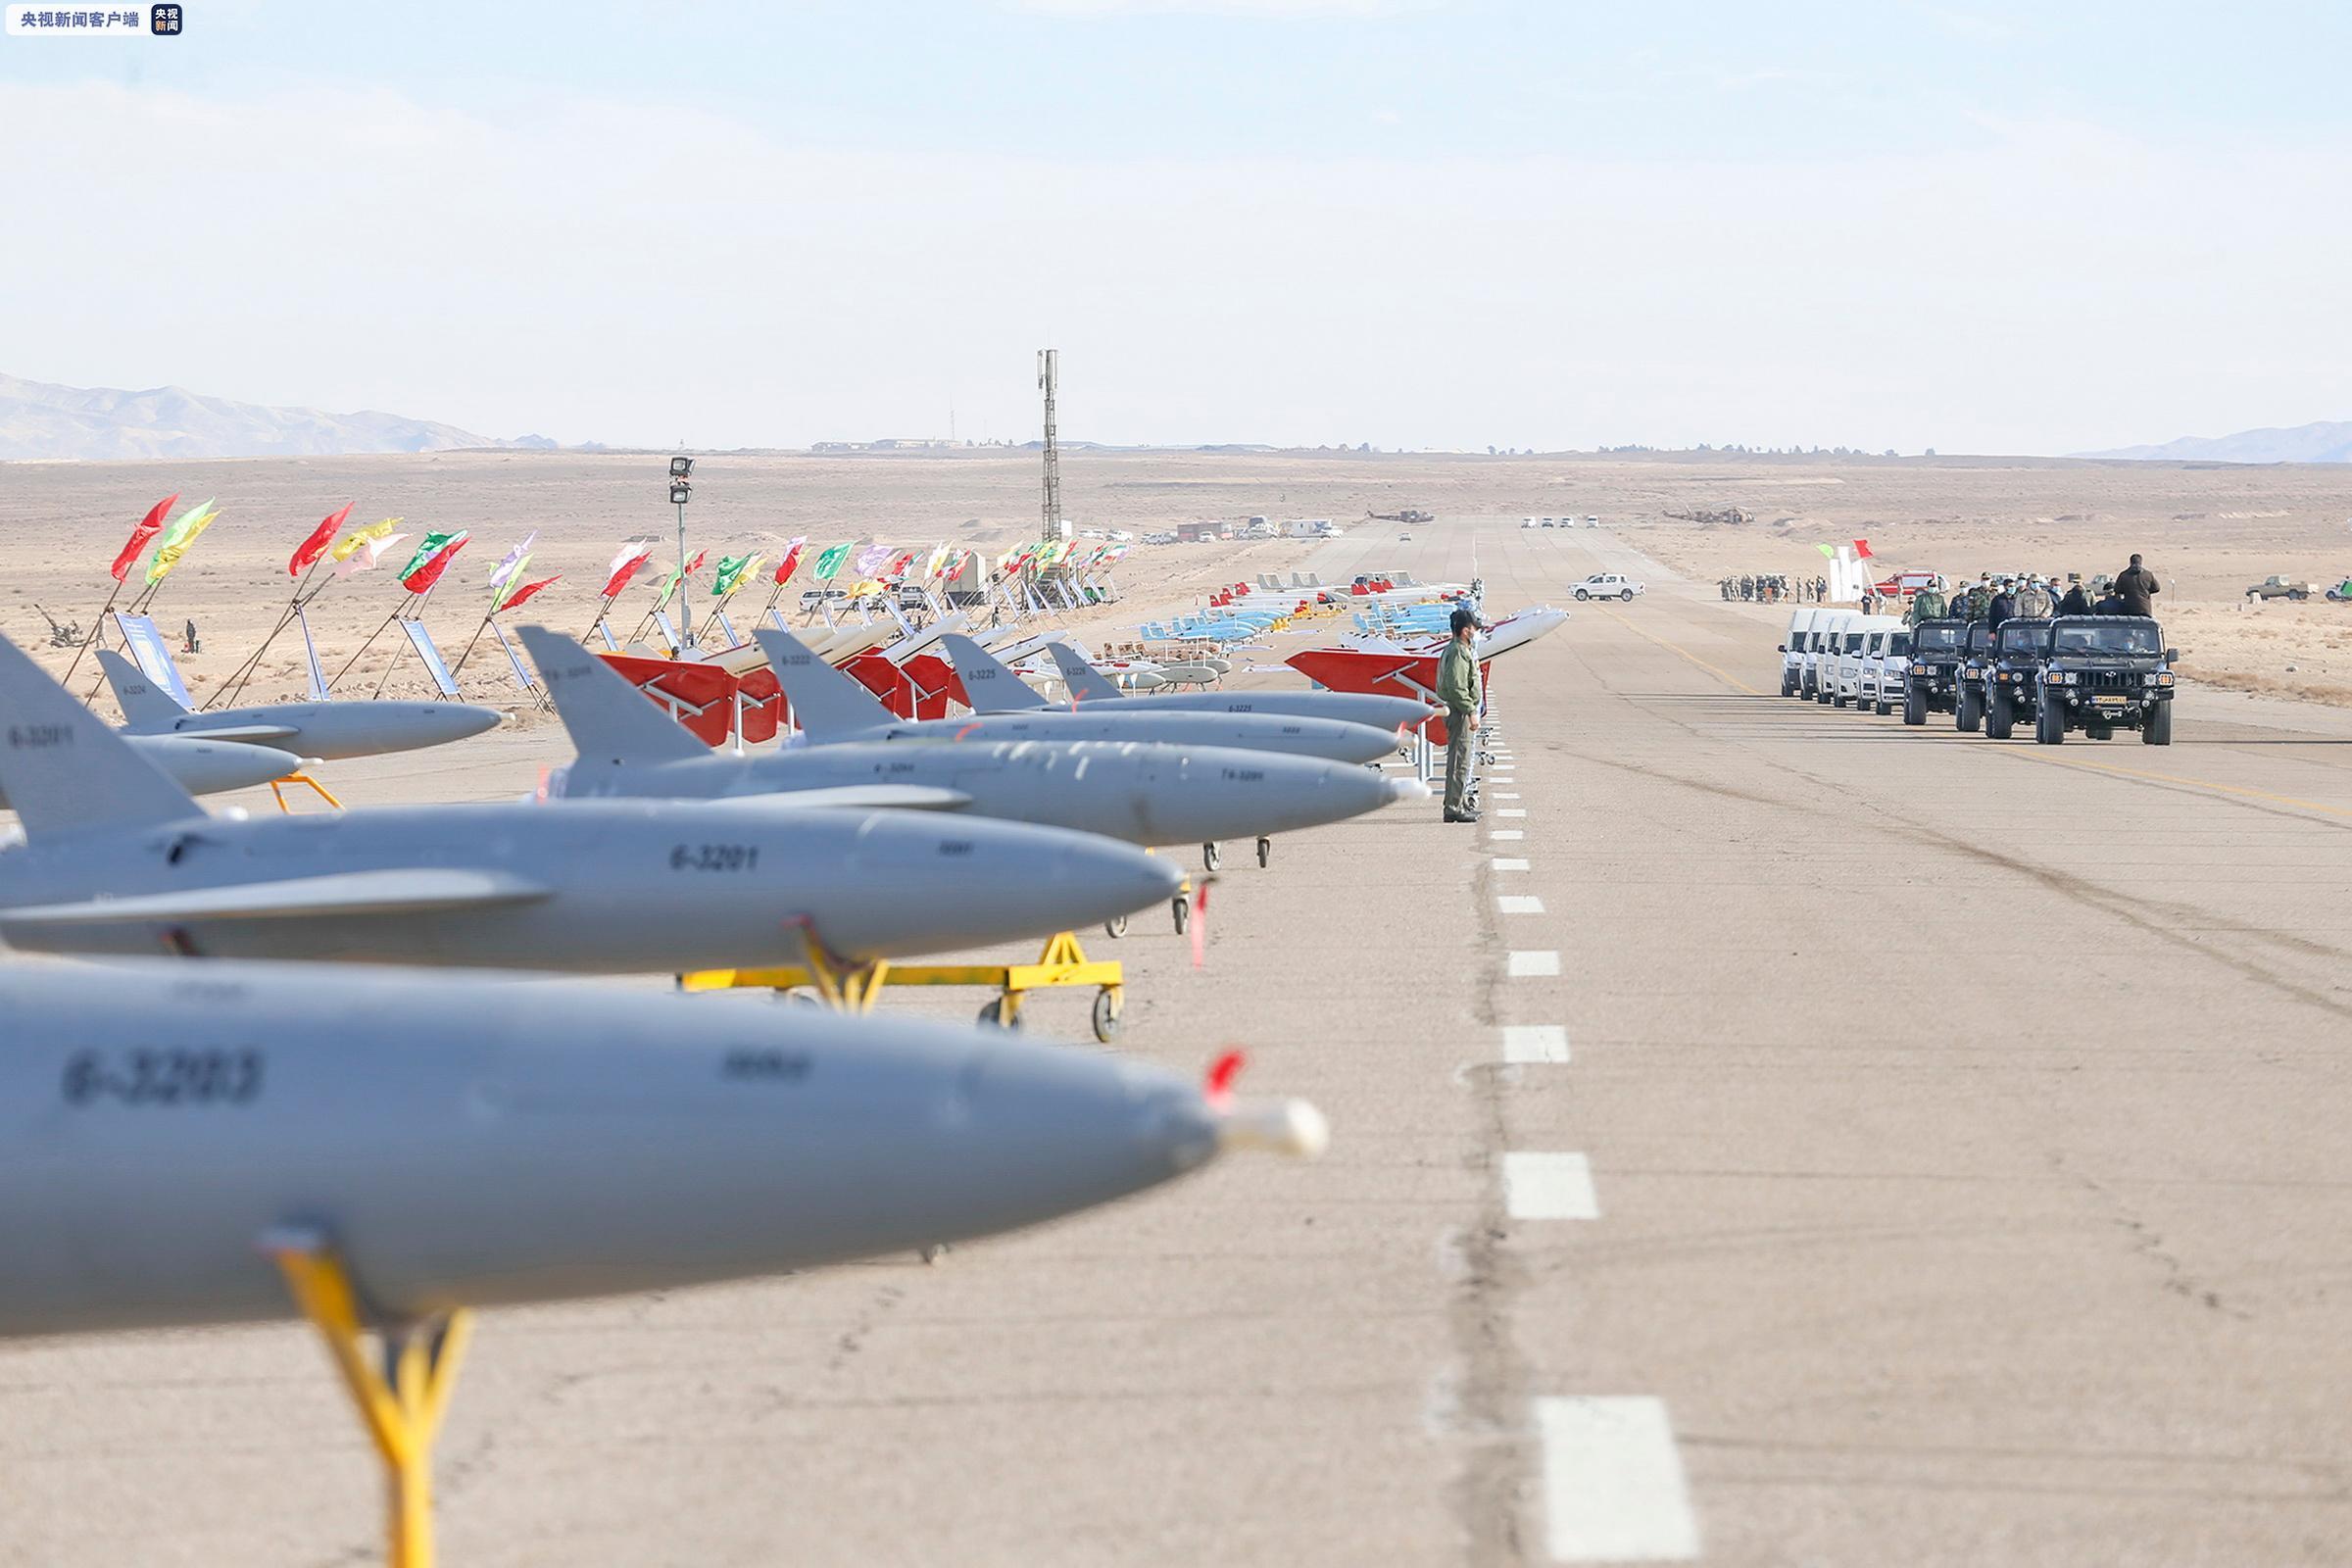 軍情快訊:伊朗軍隊舉行大型聯合無人機軍事演習